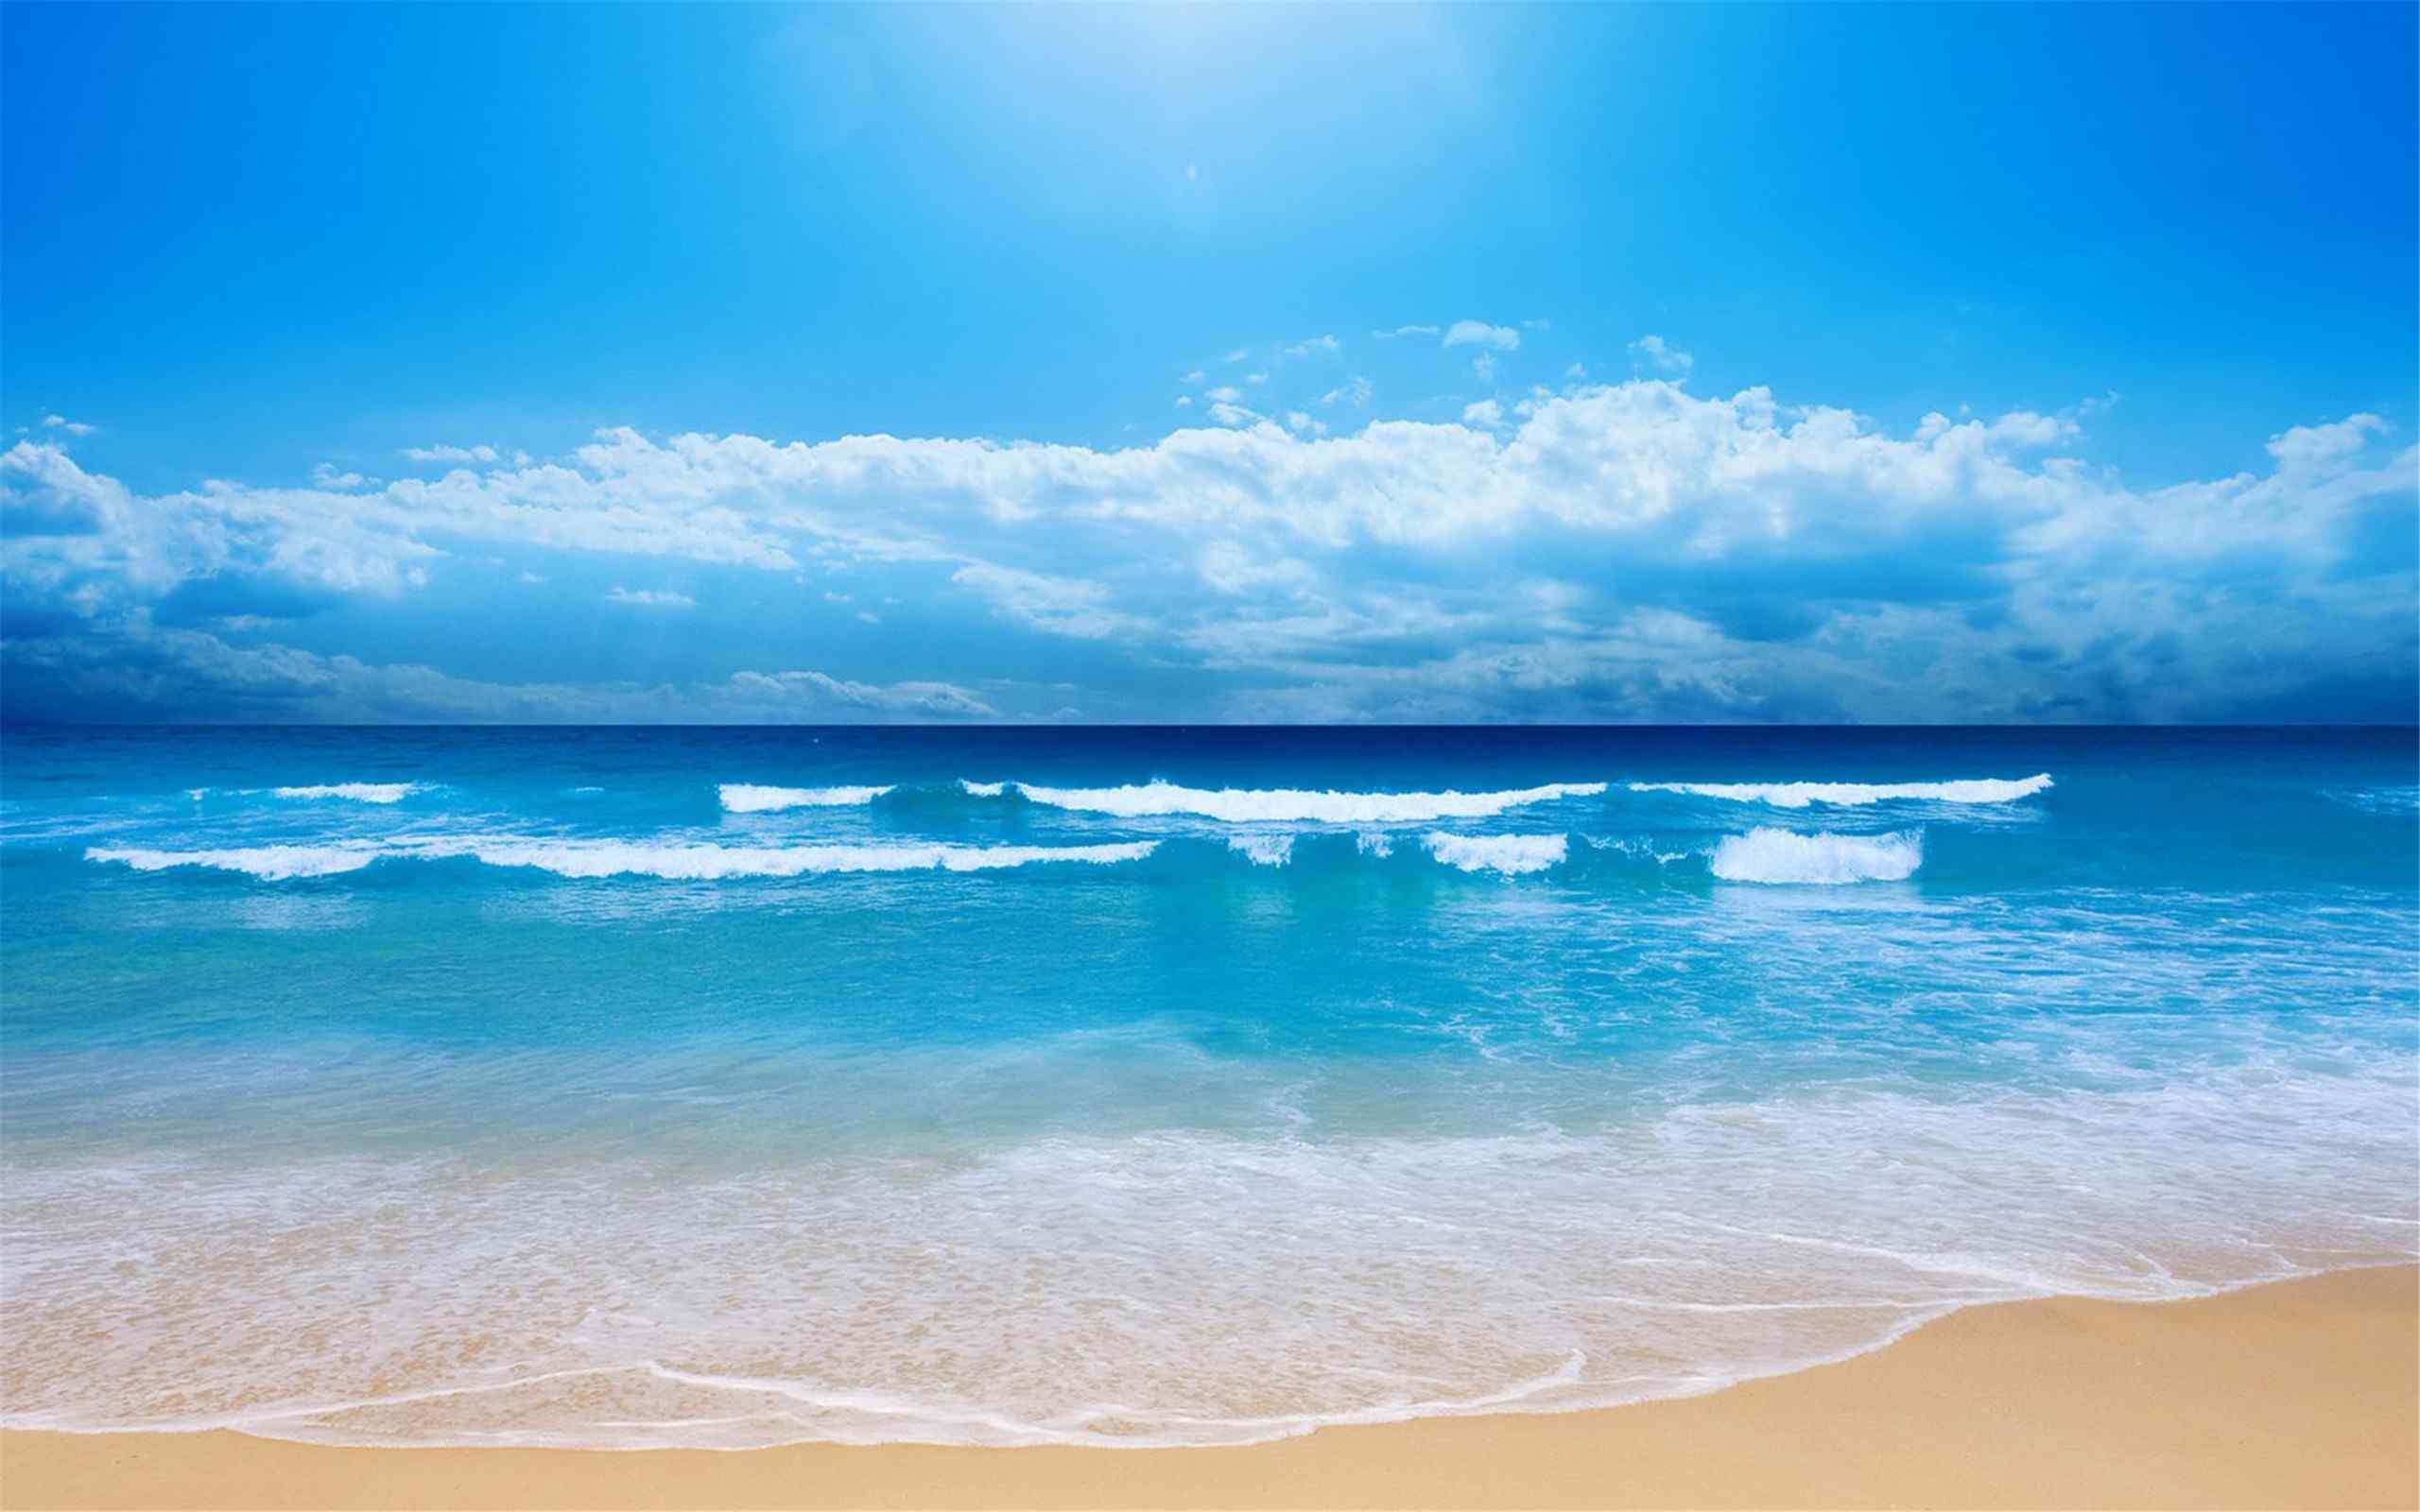 蓝天白云下的大海自然风景桌面壁纸图片